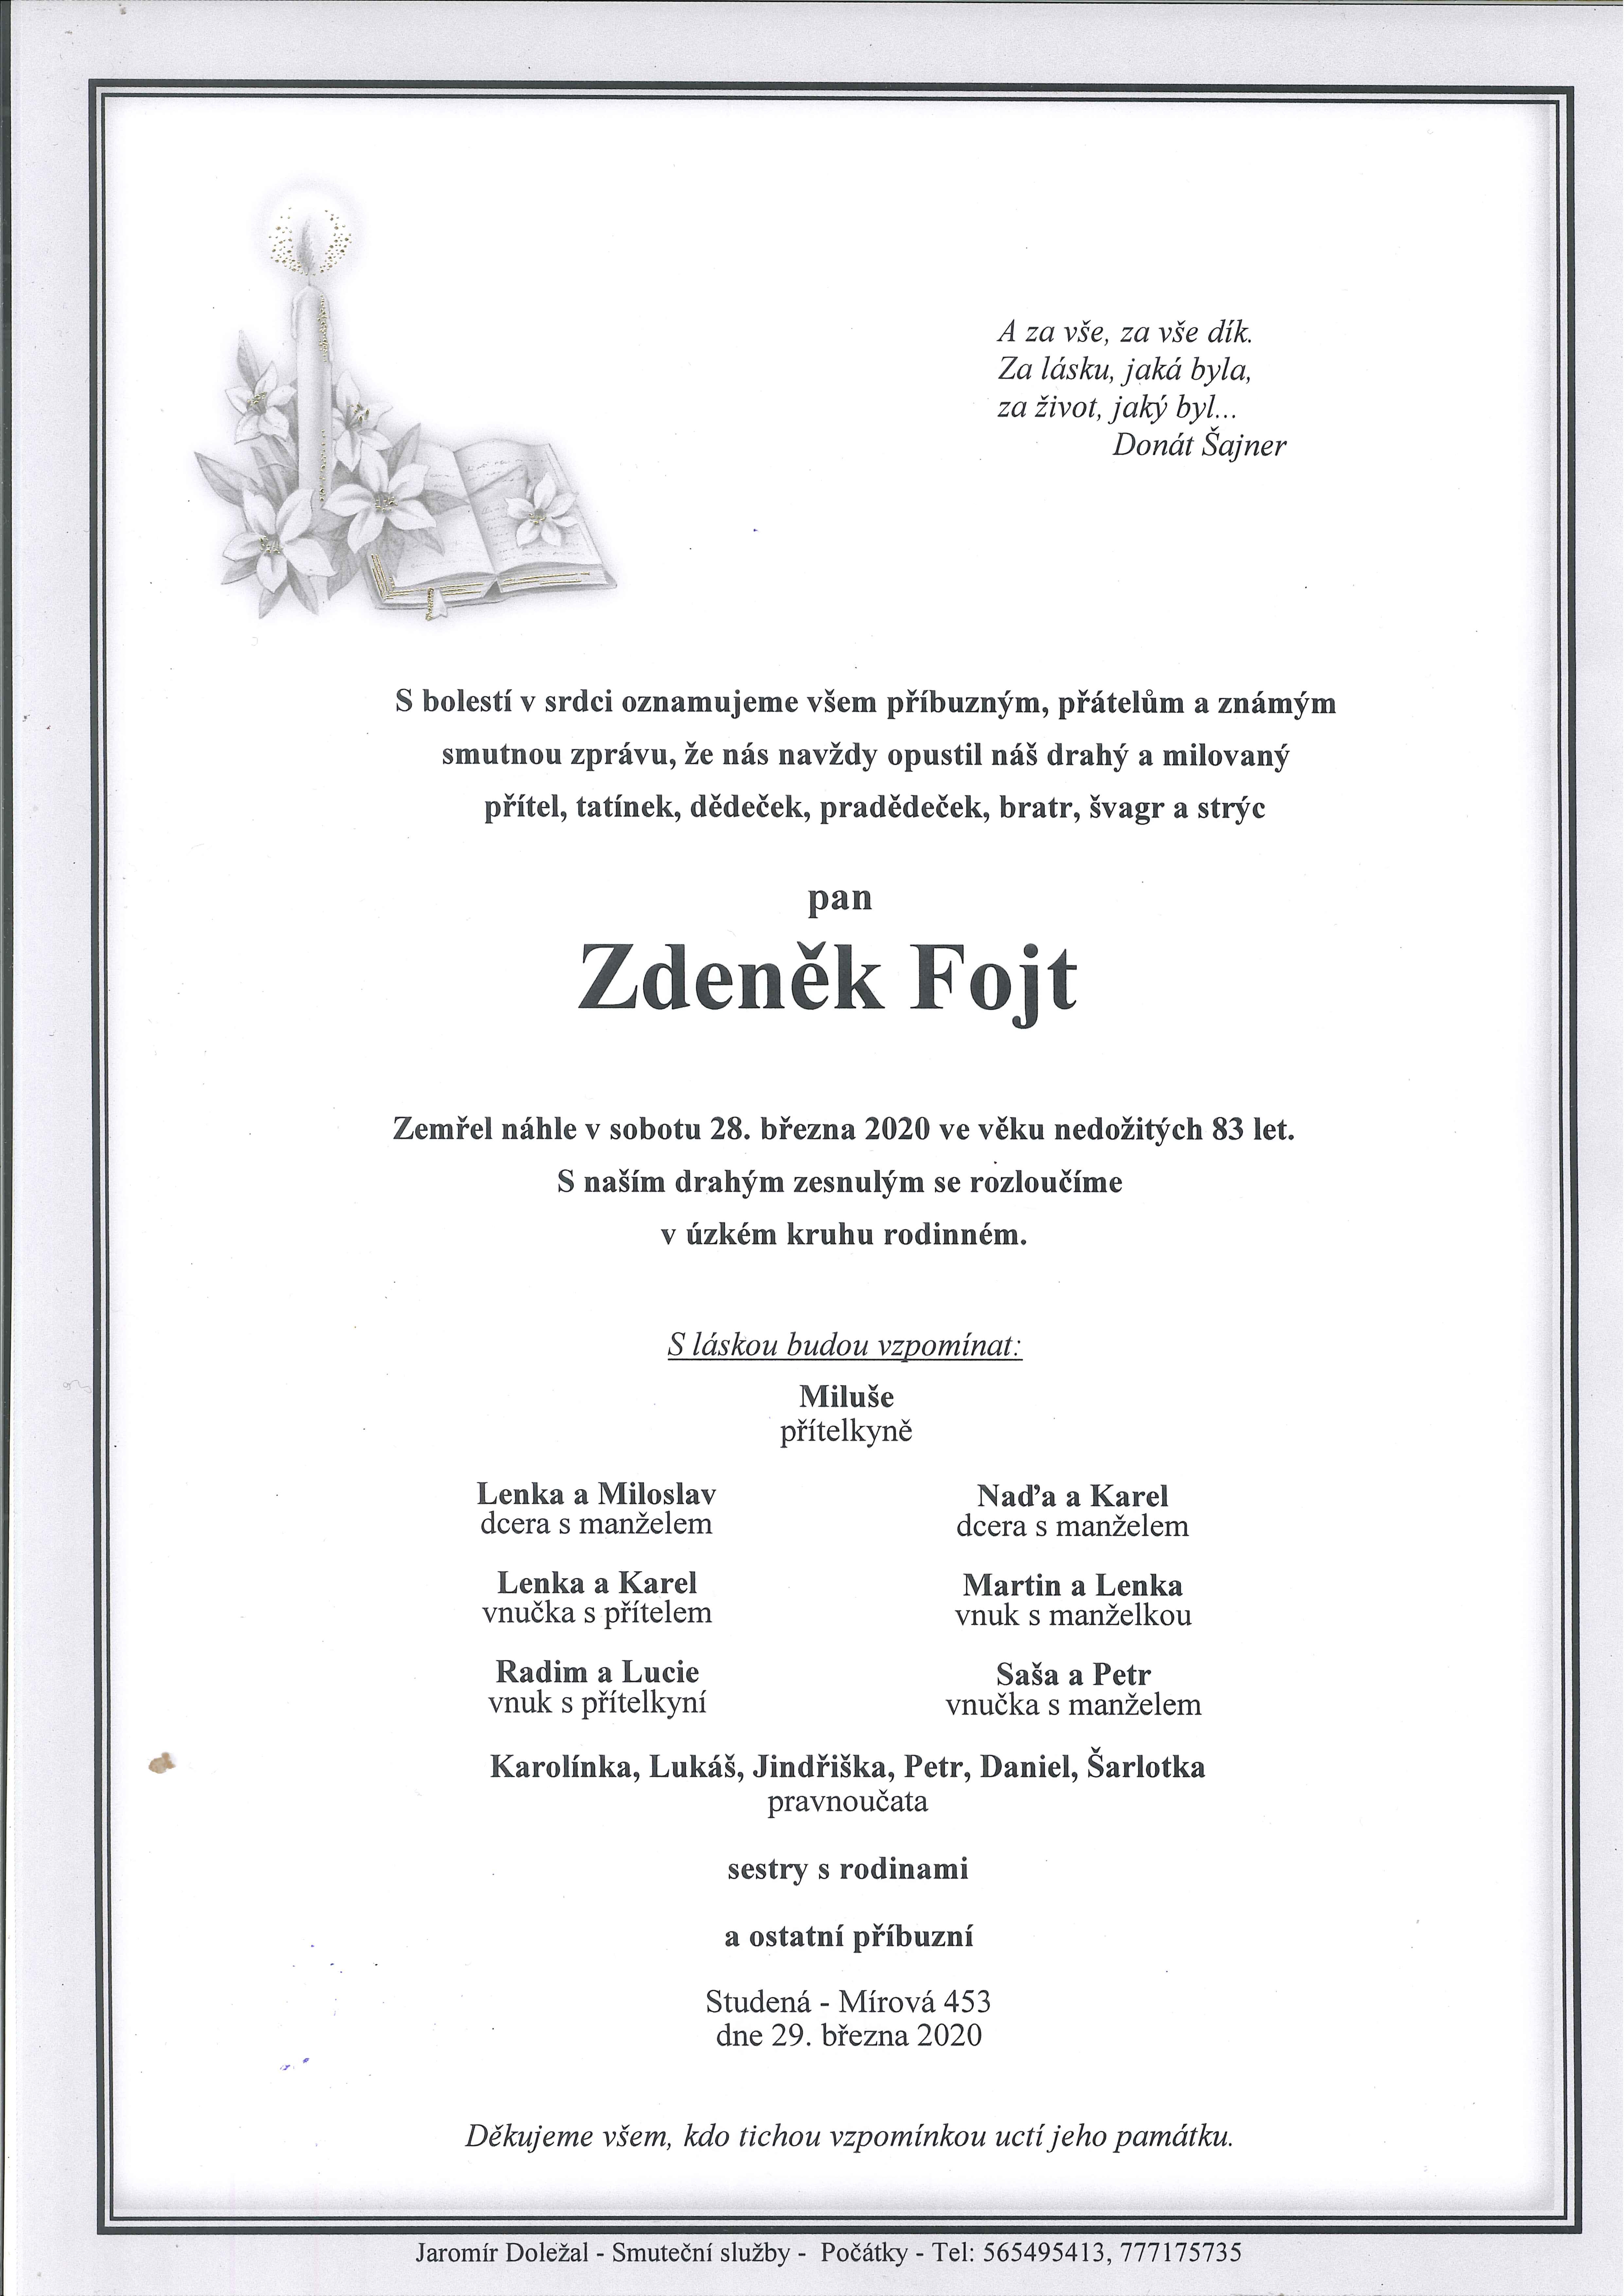 Zdeněk Fojt